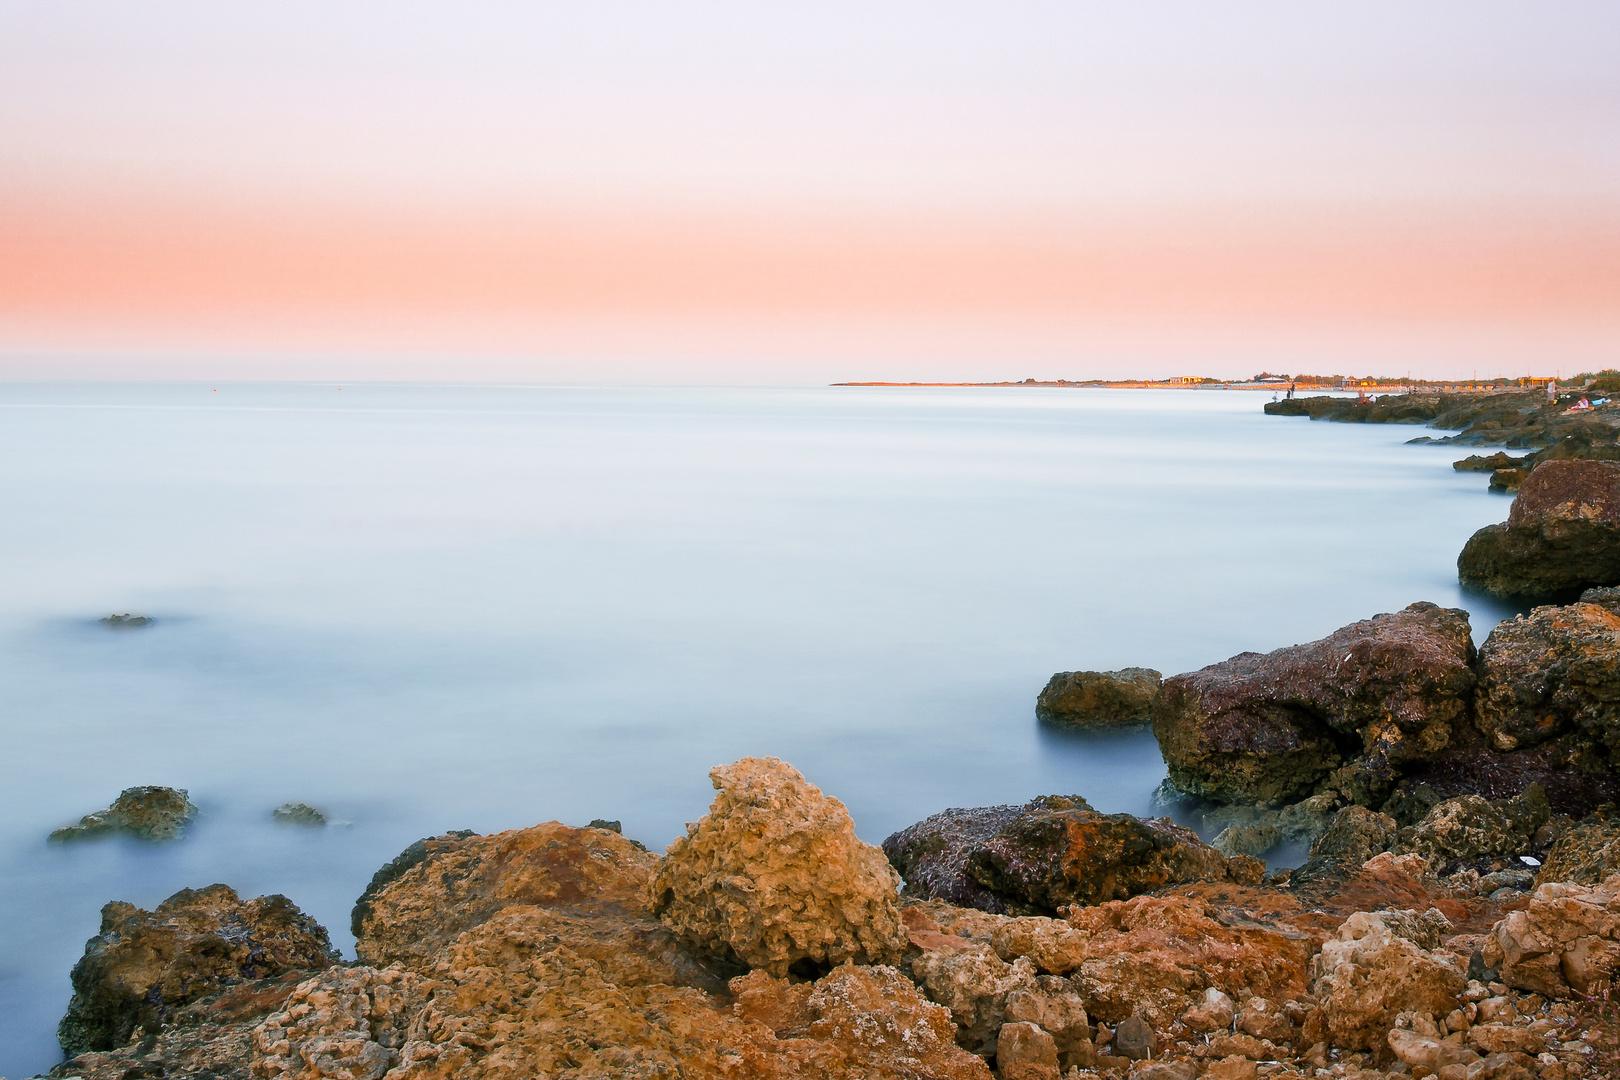 Sonnenaufgang in Lido Marini (Süditalien)